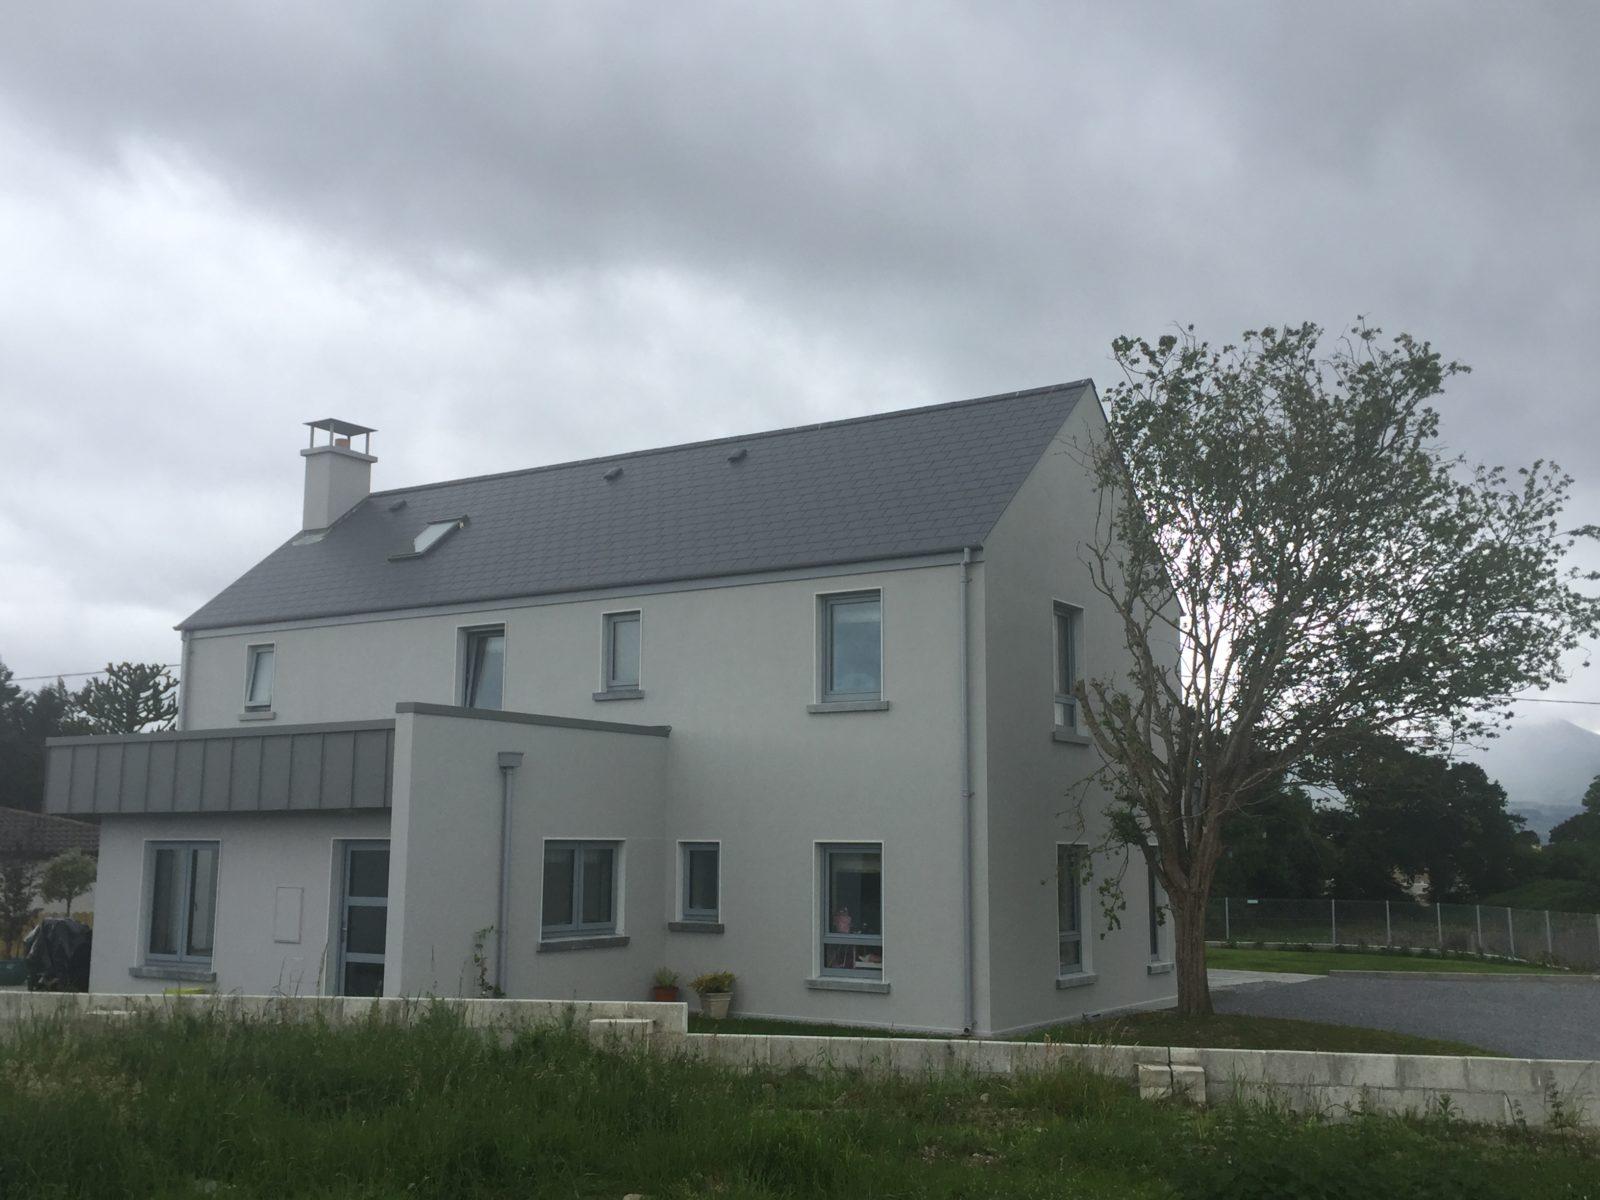 House in Rookery Road, Killarney